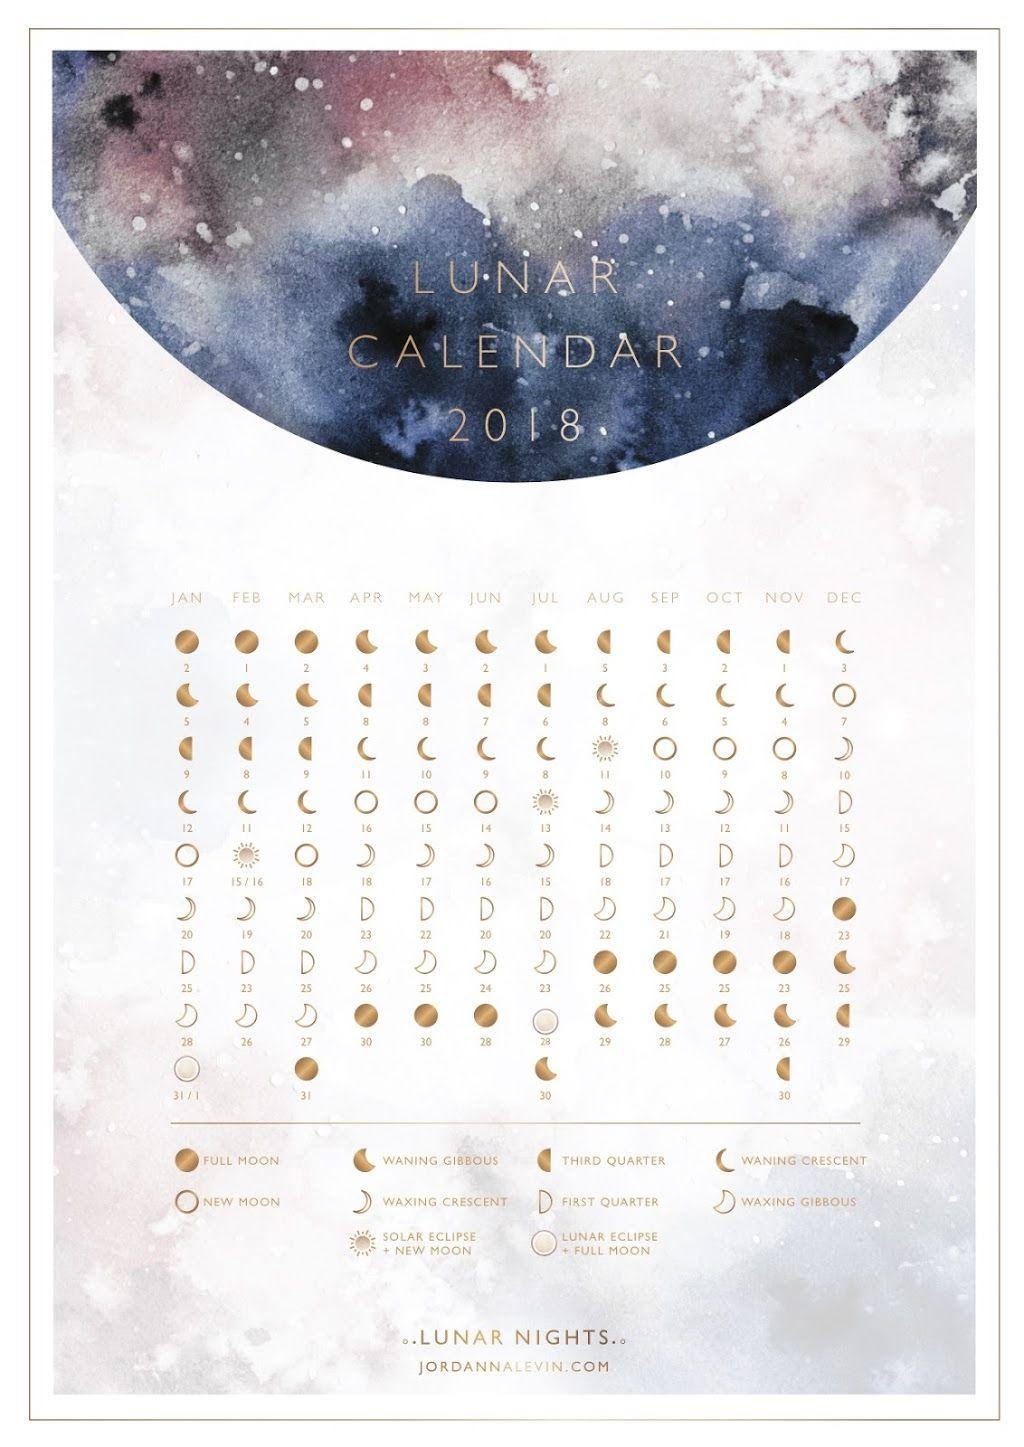 2018 Lunar Calendar  Dagboek Ideeën, Maanstanden En Bullet pertaining to Om Journal Lunar Calendar